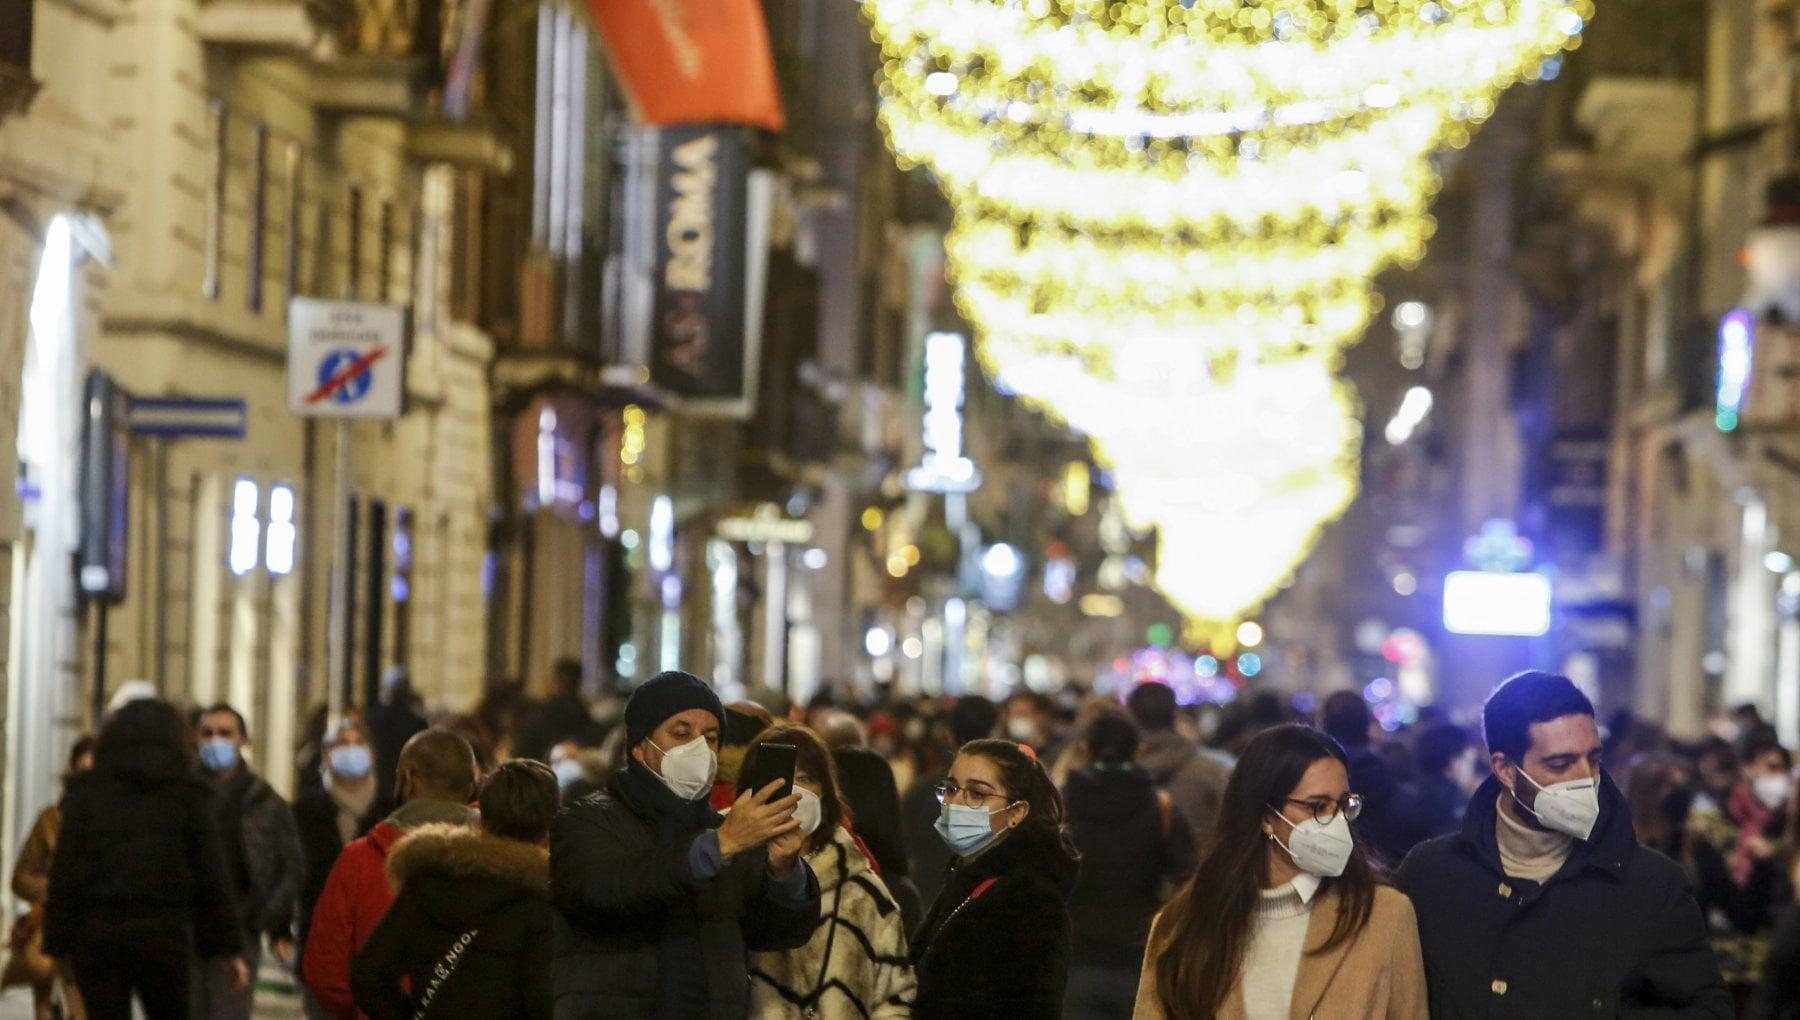 Decreto di Natale da oggi stop agli spostamenti tra Regioni. Negozi aperti fino alle 21 per gli ultimi regali